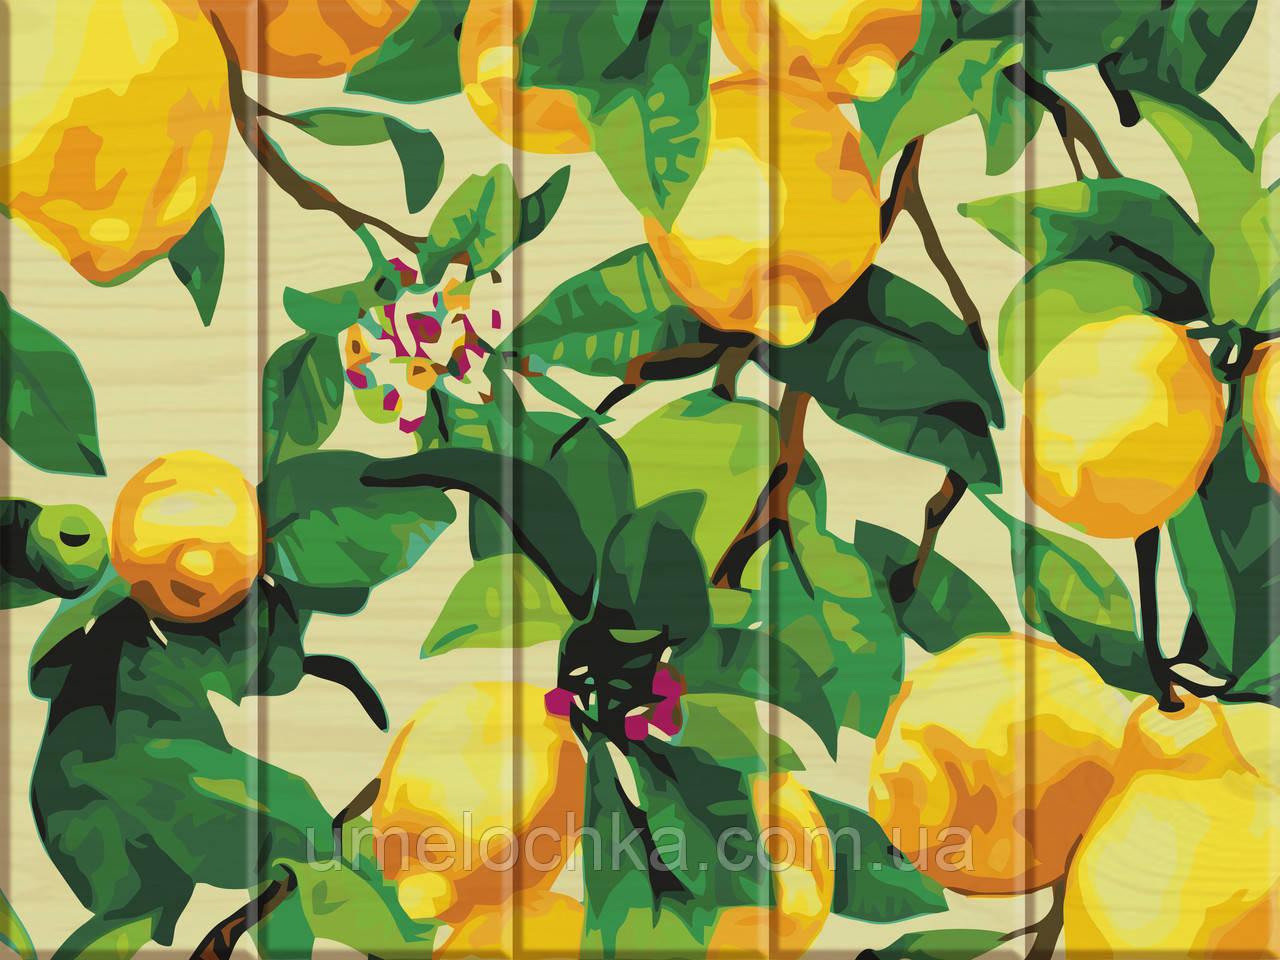 Картина по номерам Лимонное дерево 30 х 40 см (ASW011)